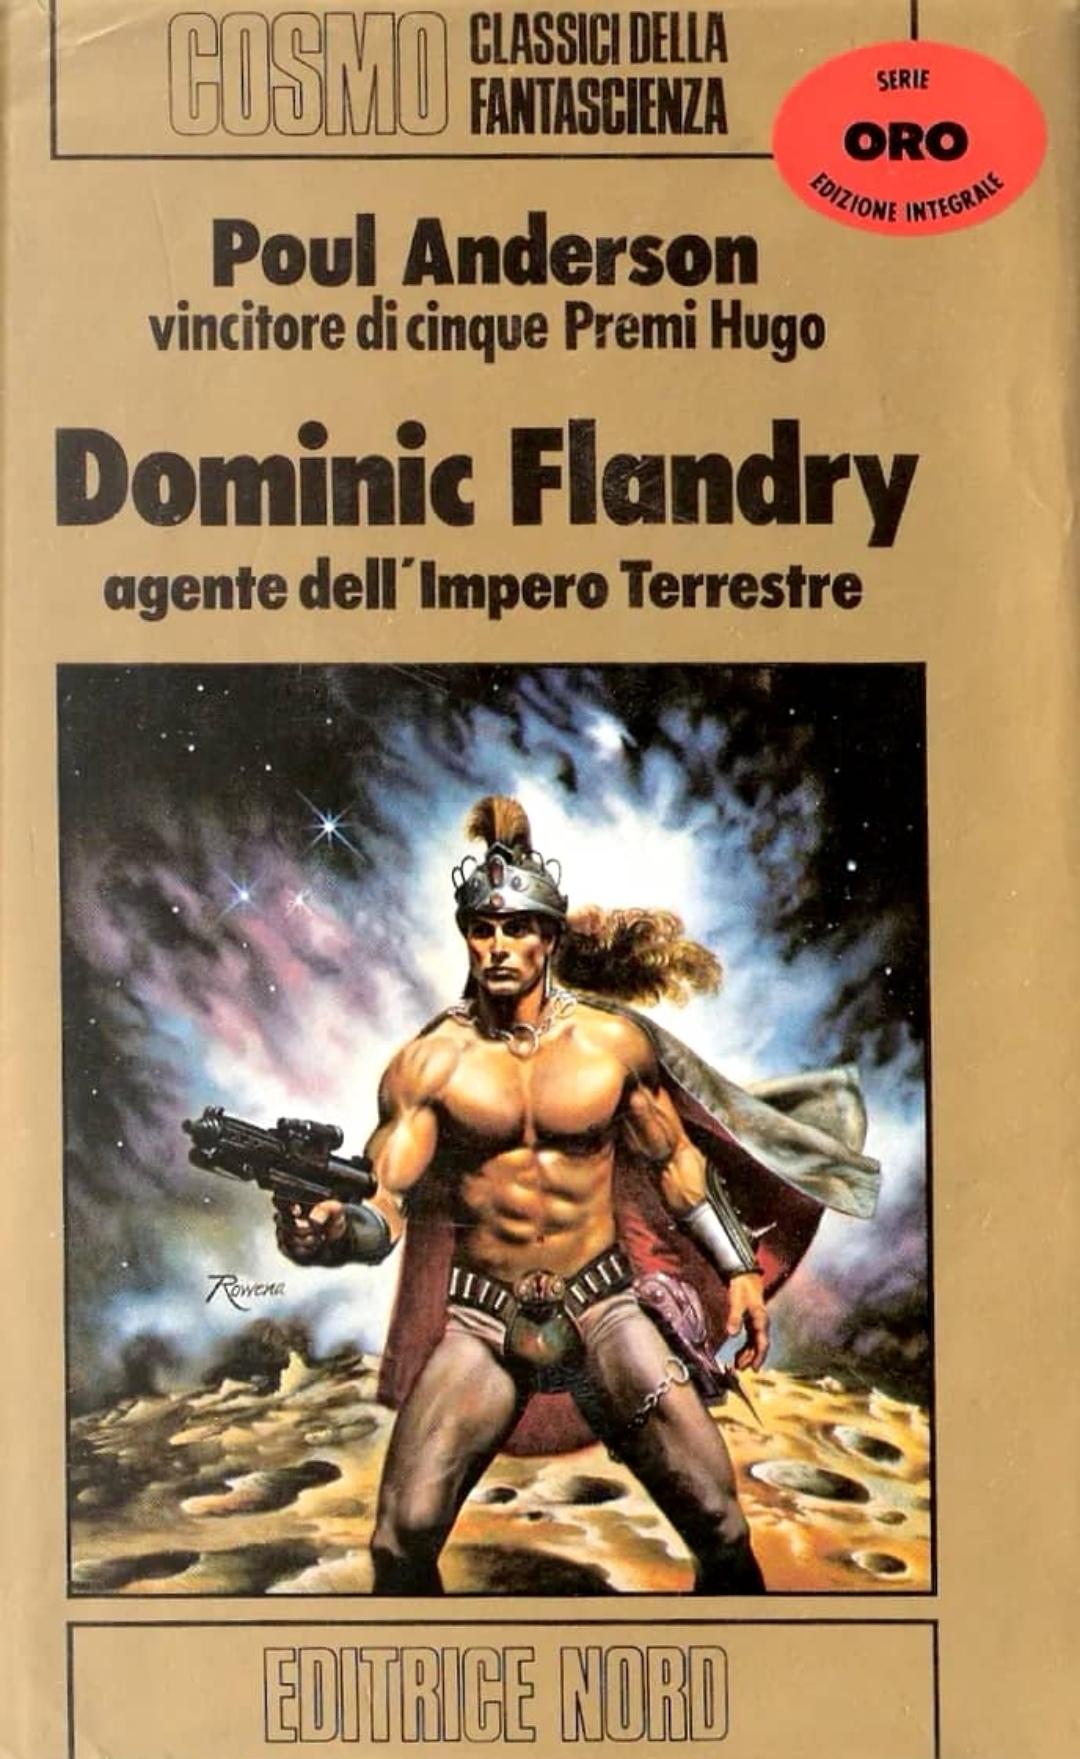 Dominic Flandry - Agente dell'Impero Terrestre